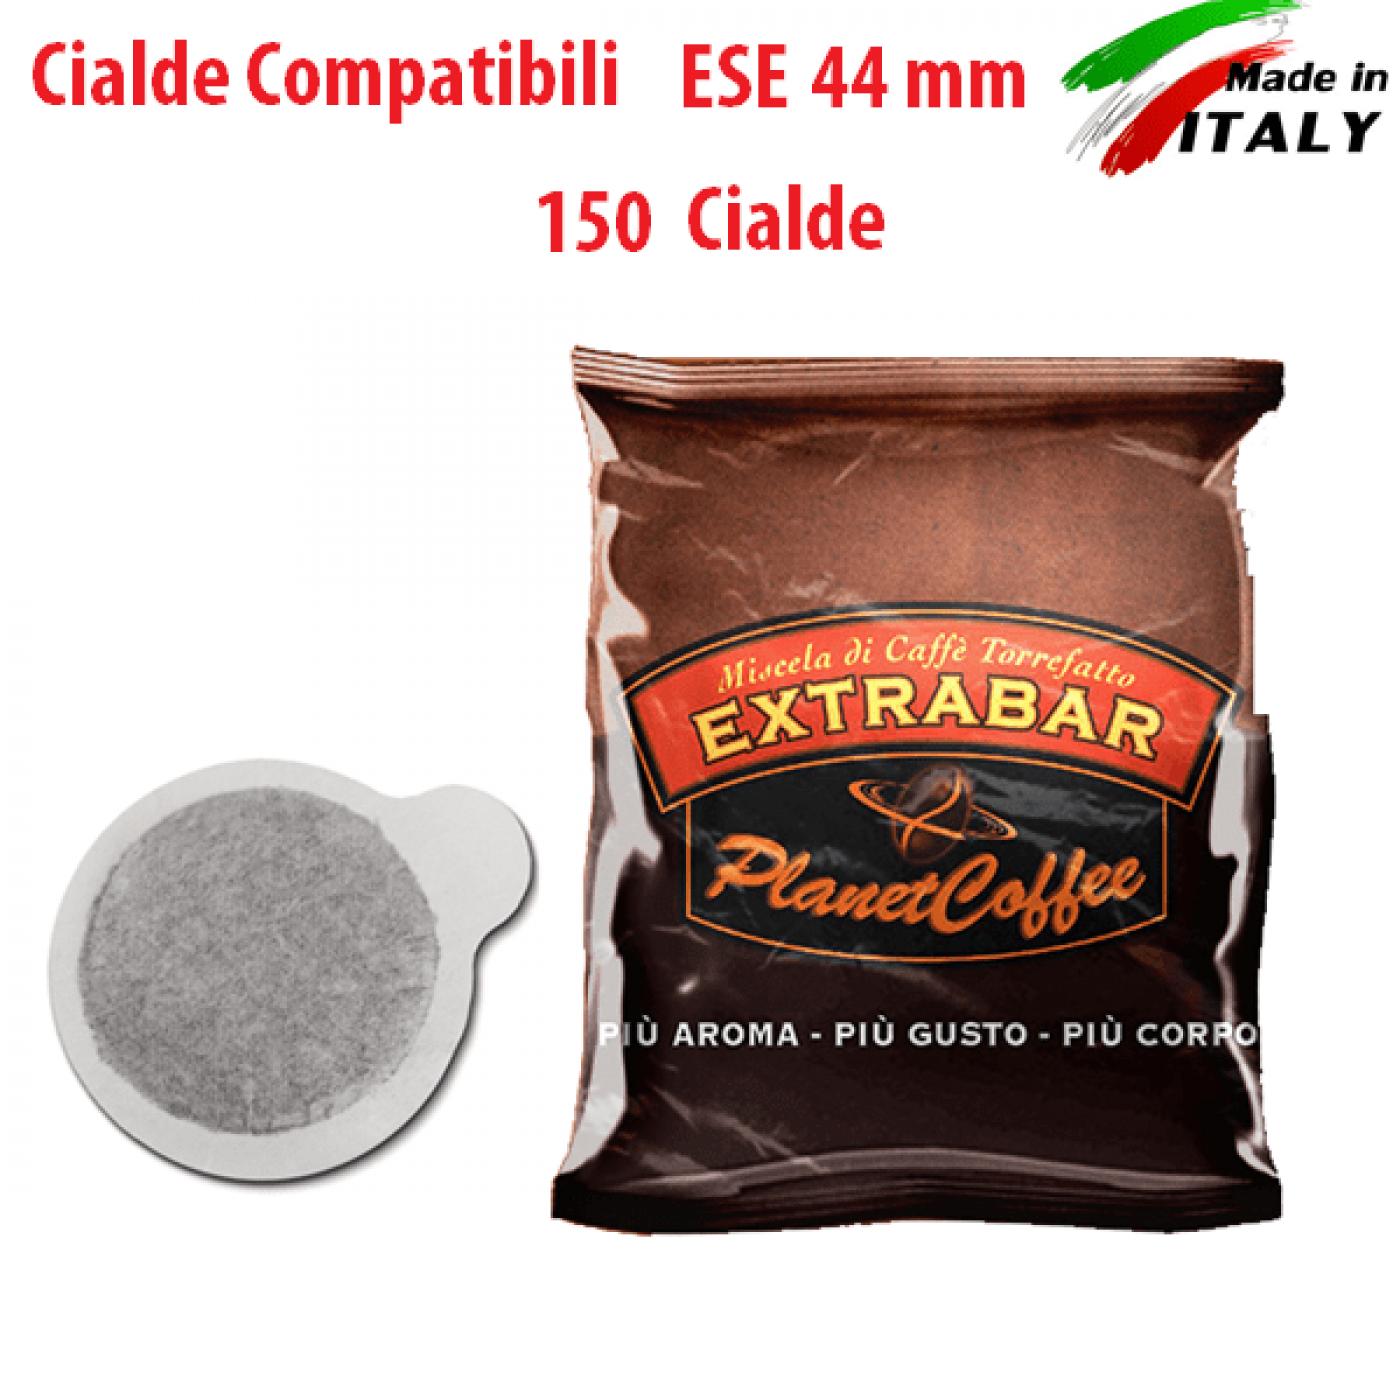 CIALDE ESE 44 mm COMPATIBILI CAFFE' MISCELA ORO